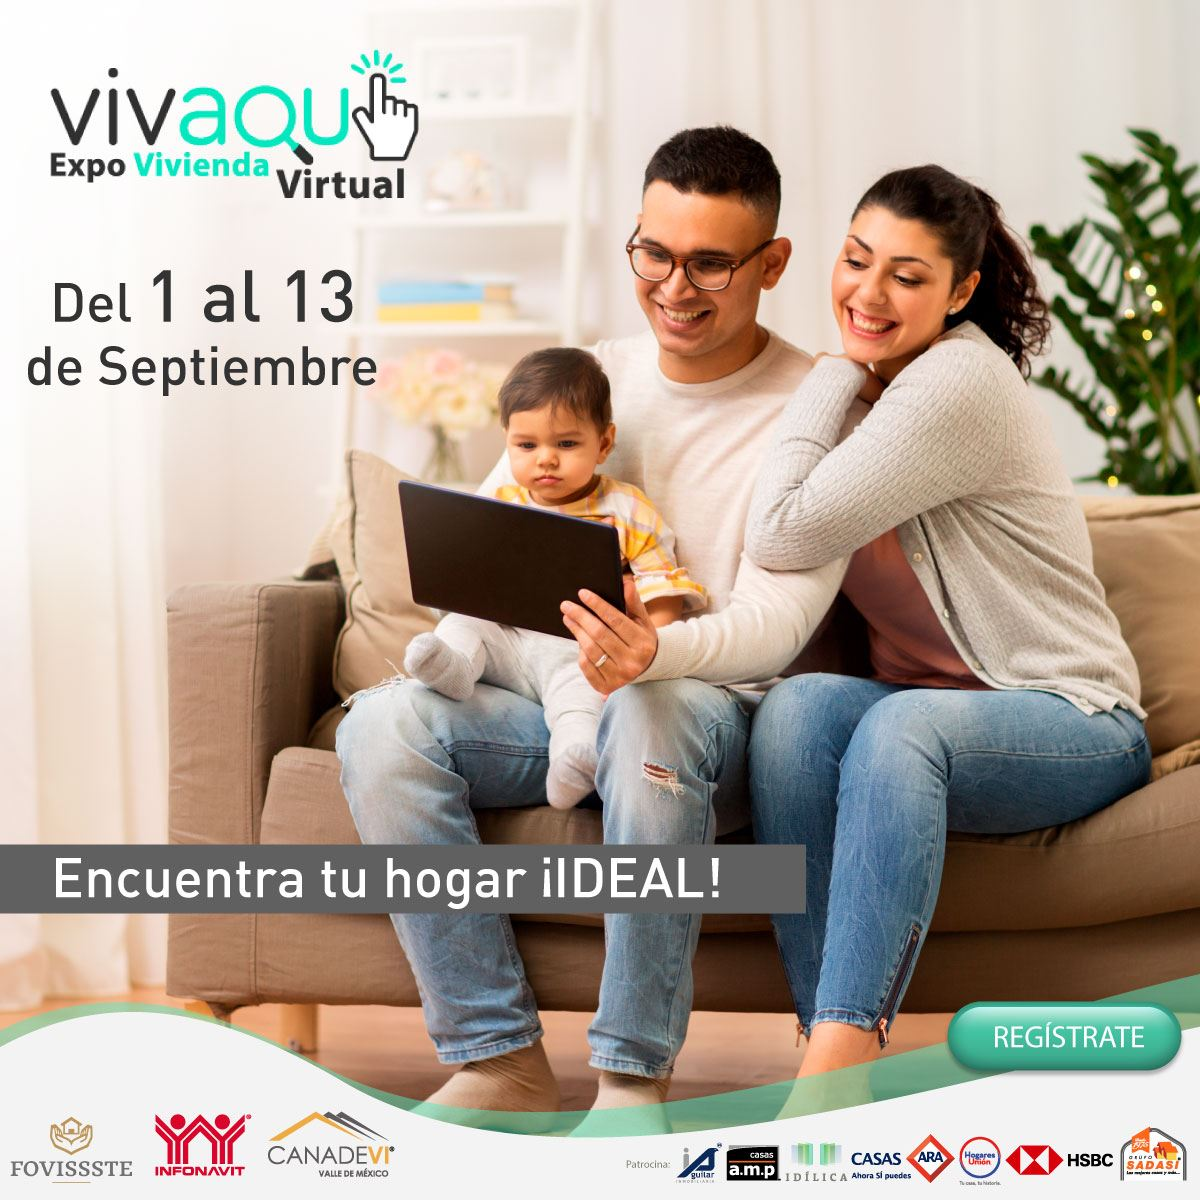 baner vivaqui expo vivienda virtual